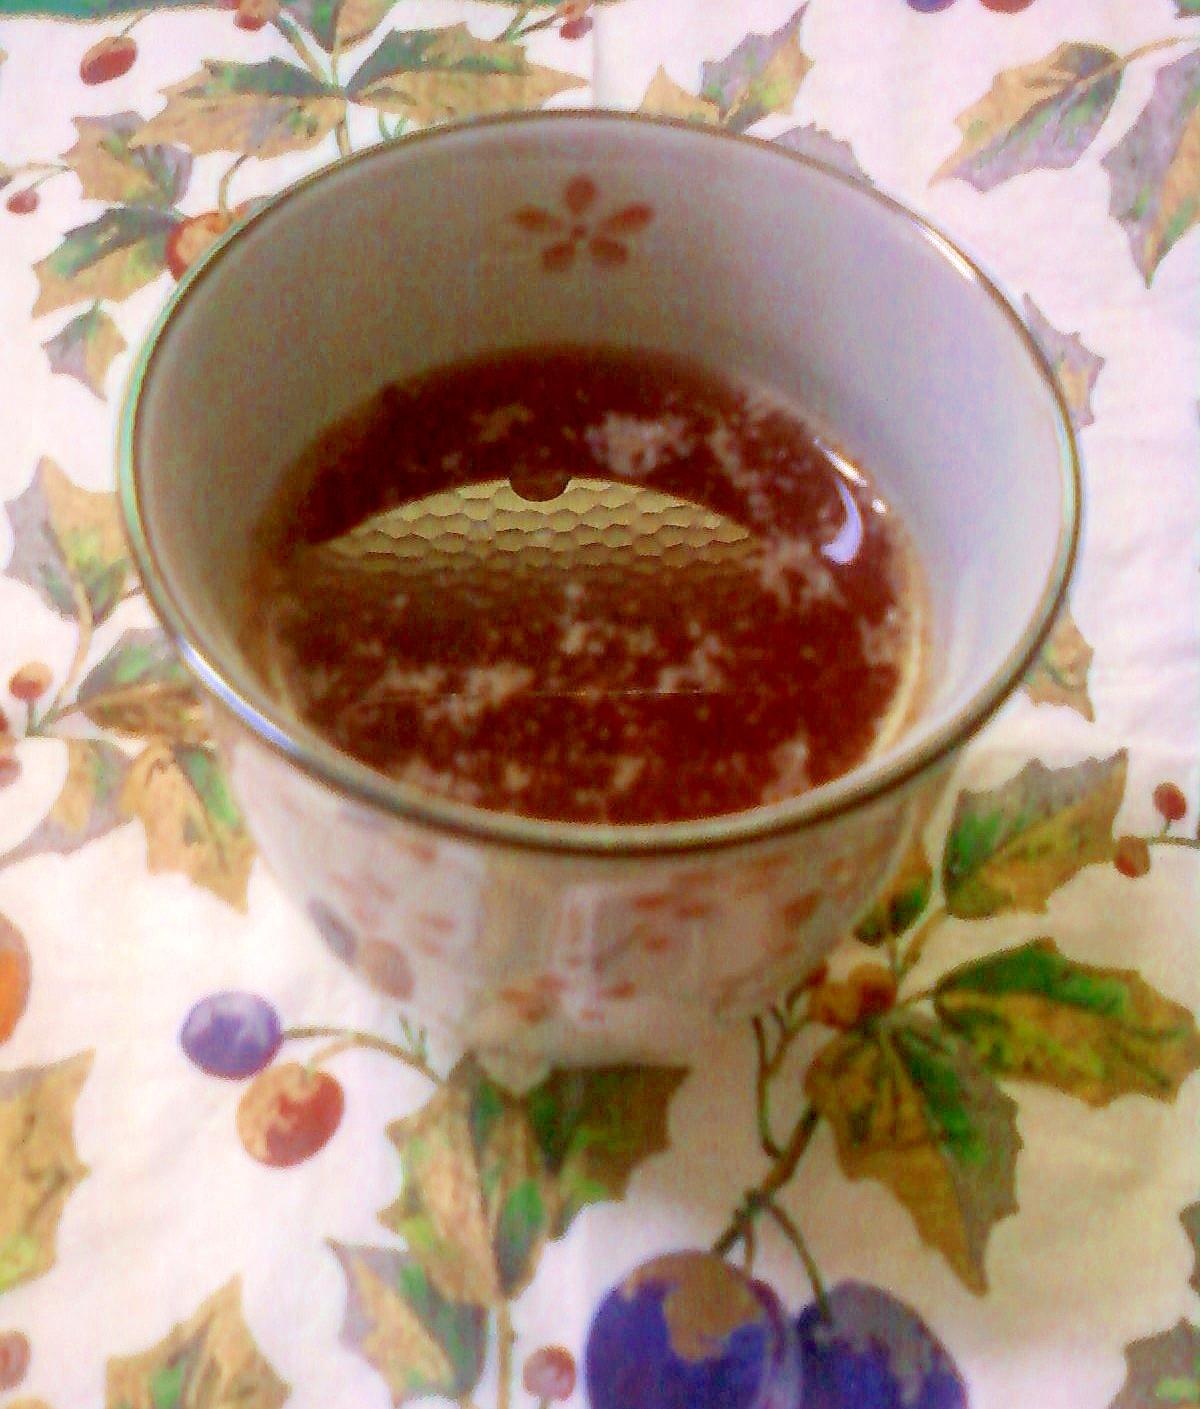 ゜擂りごまザクロ酢レモン緑茶゜・。。・゜゜